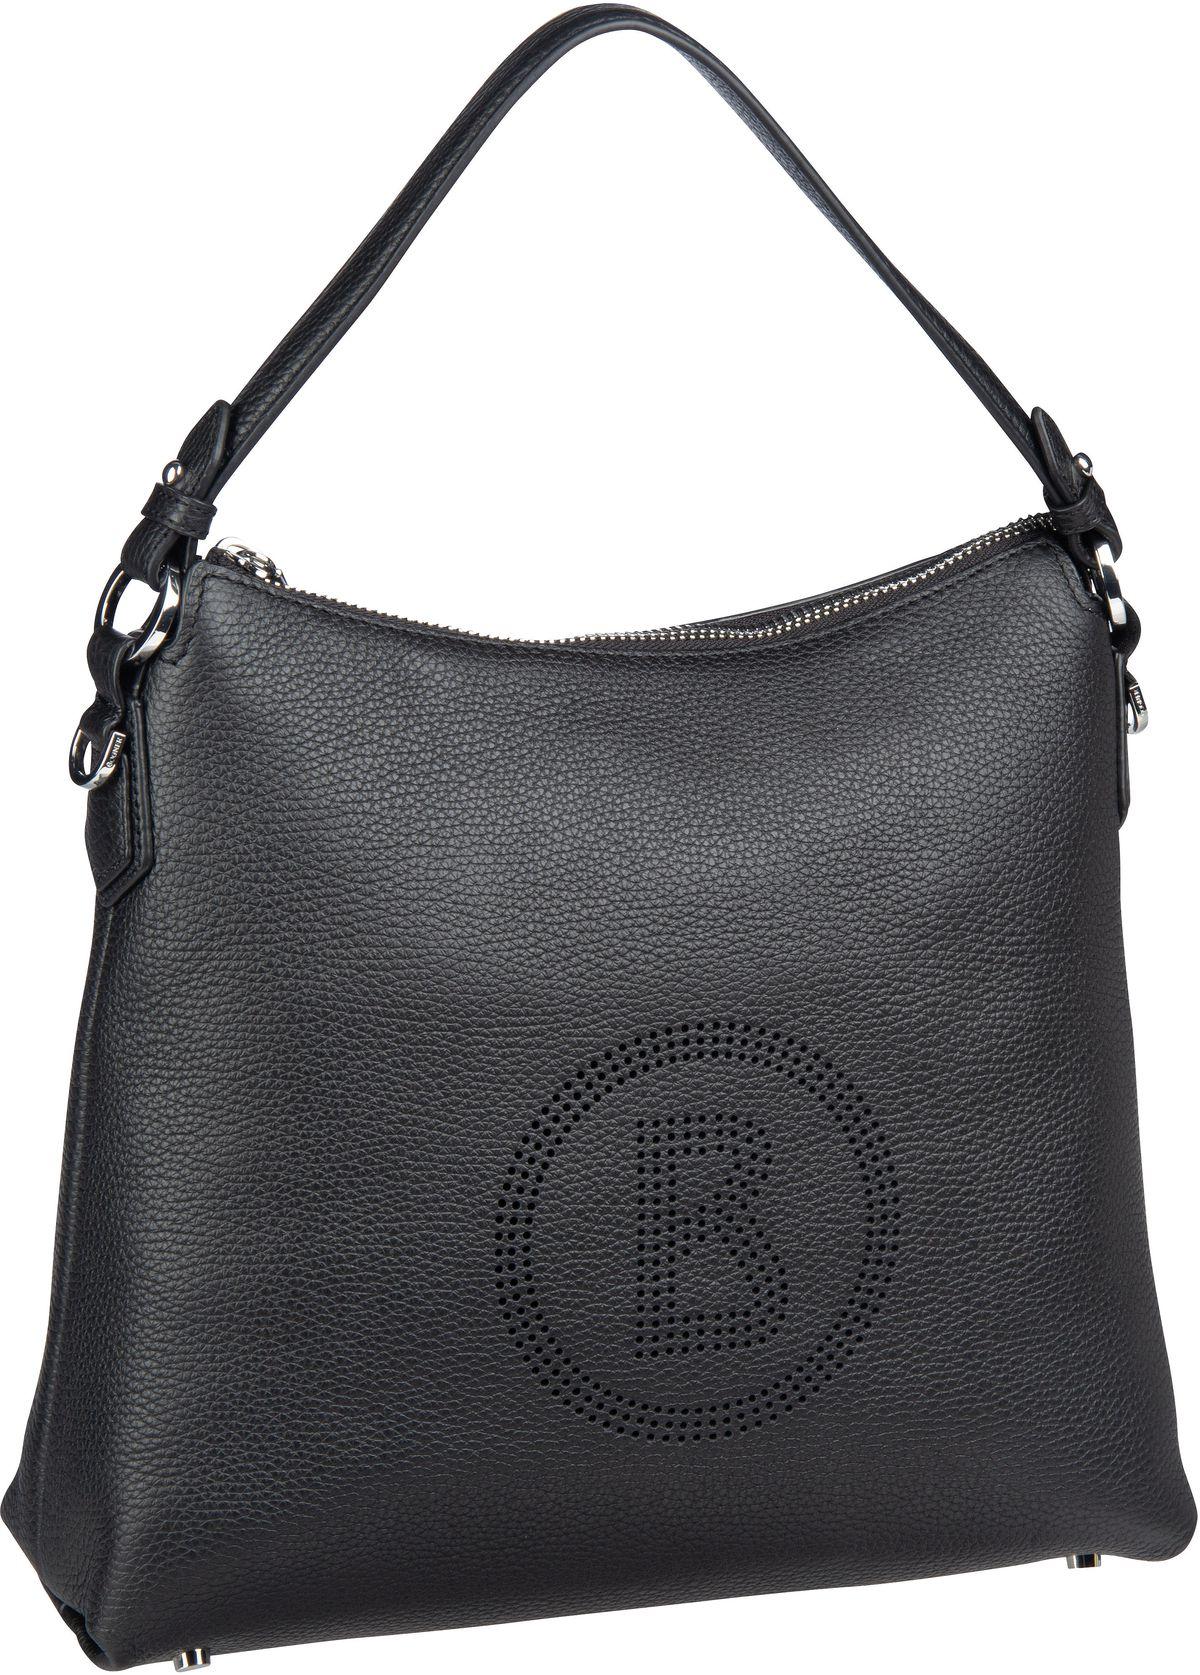 Handtasche Sulden Marie Hobo MVZ Black